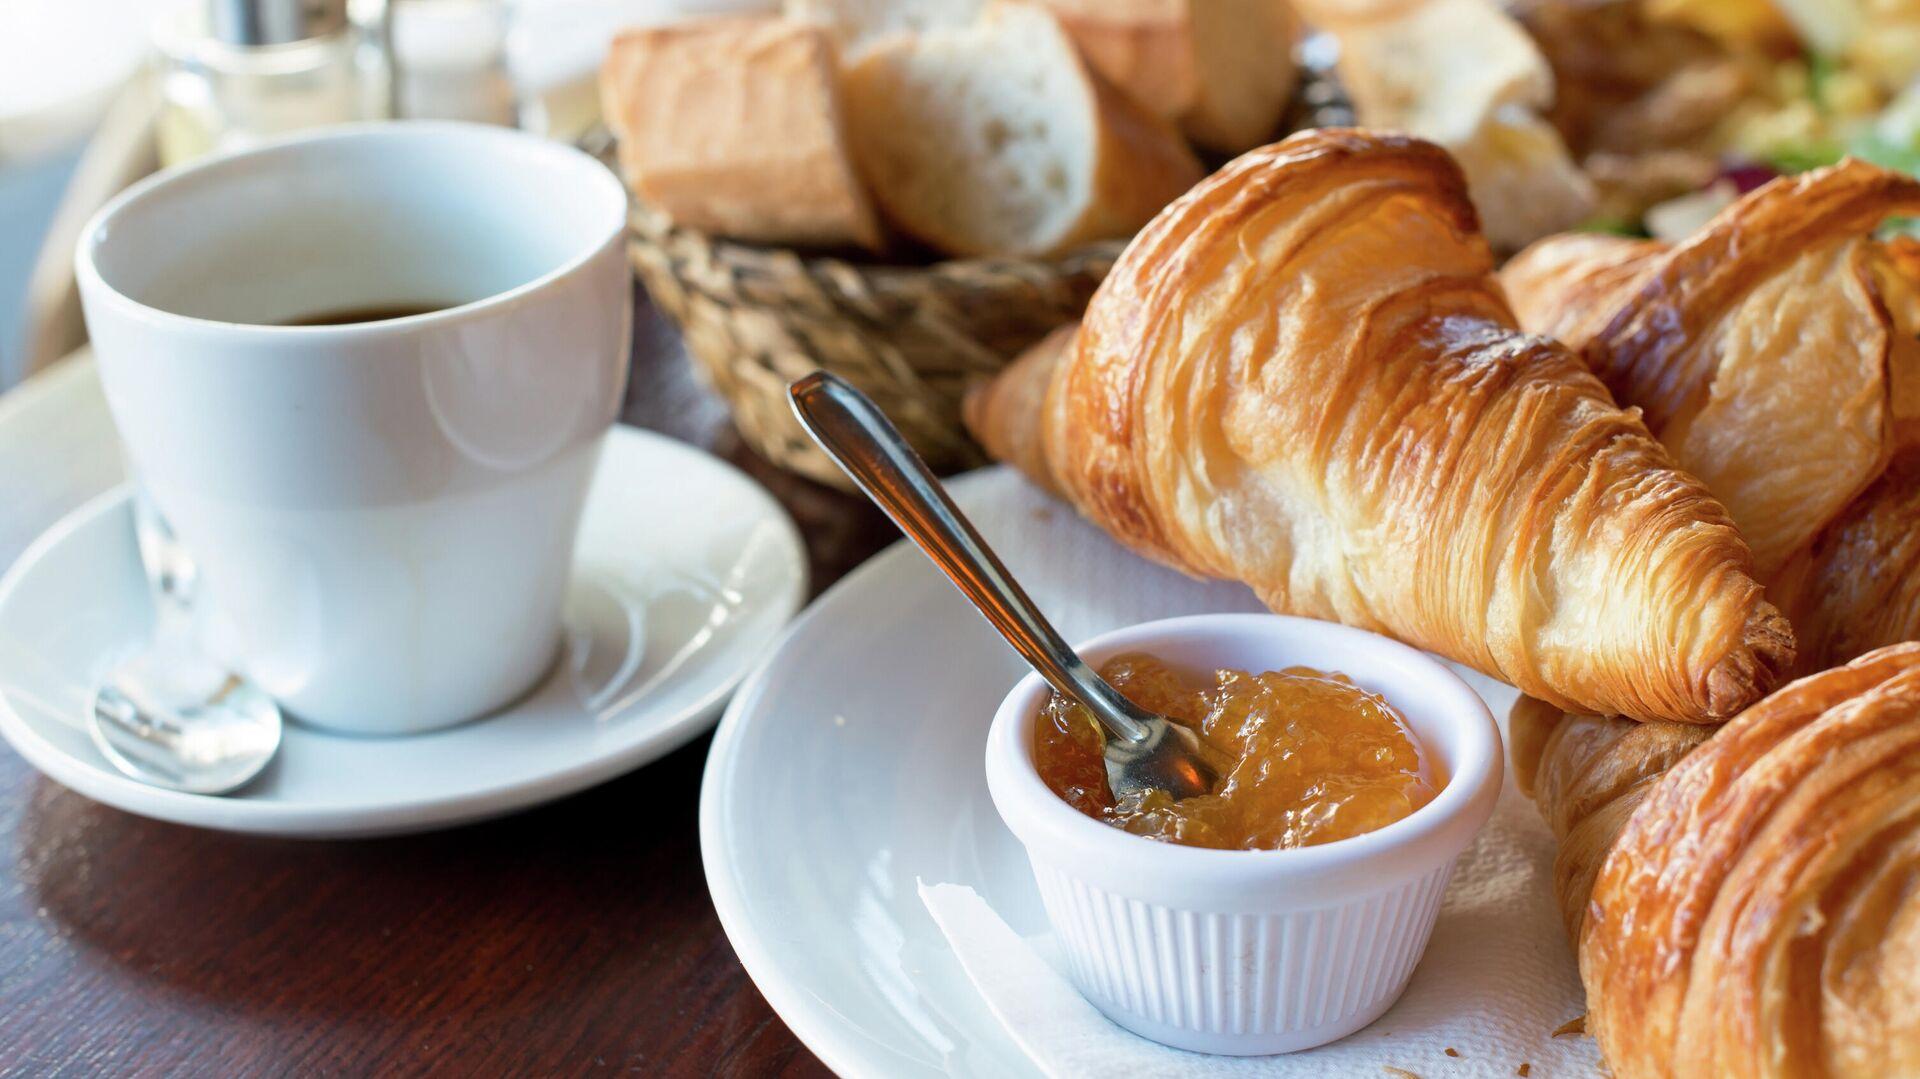 Традиционный французский завтрак  - РИА Новости, 1920, 24.03.2021